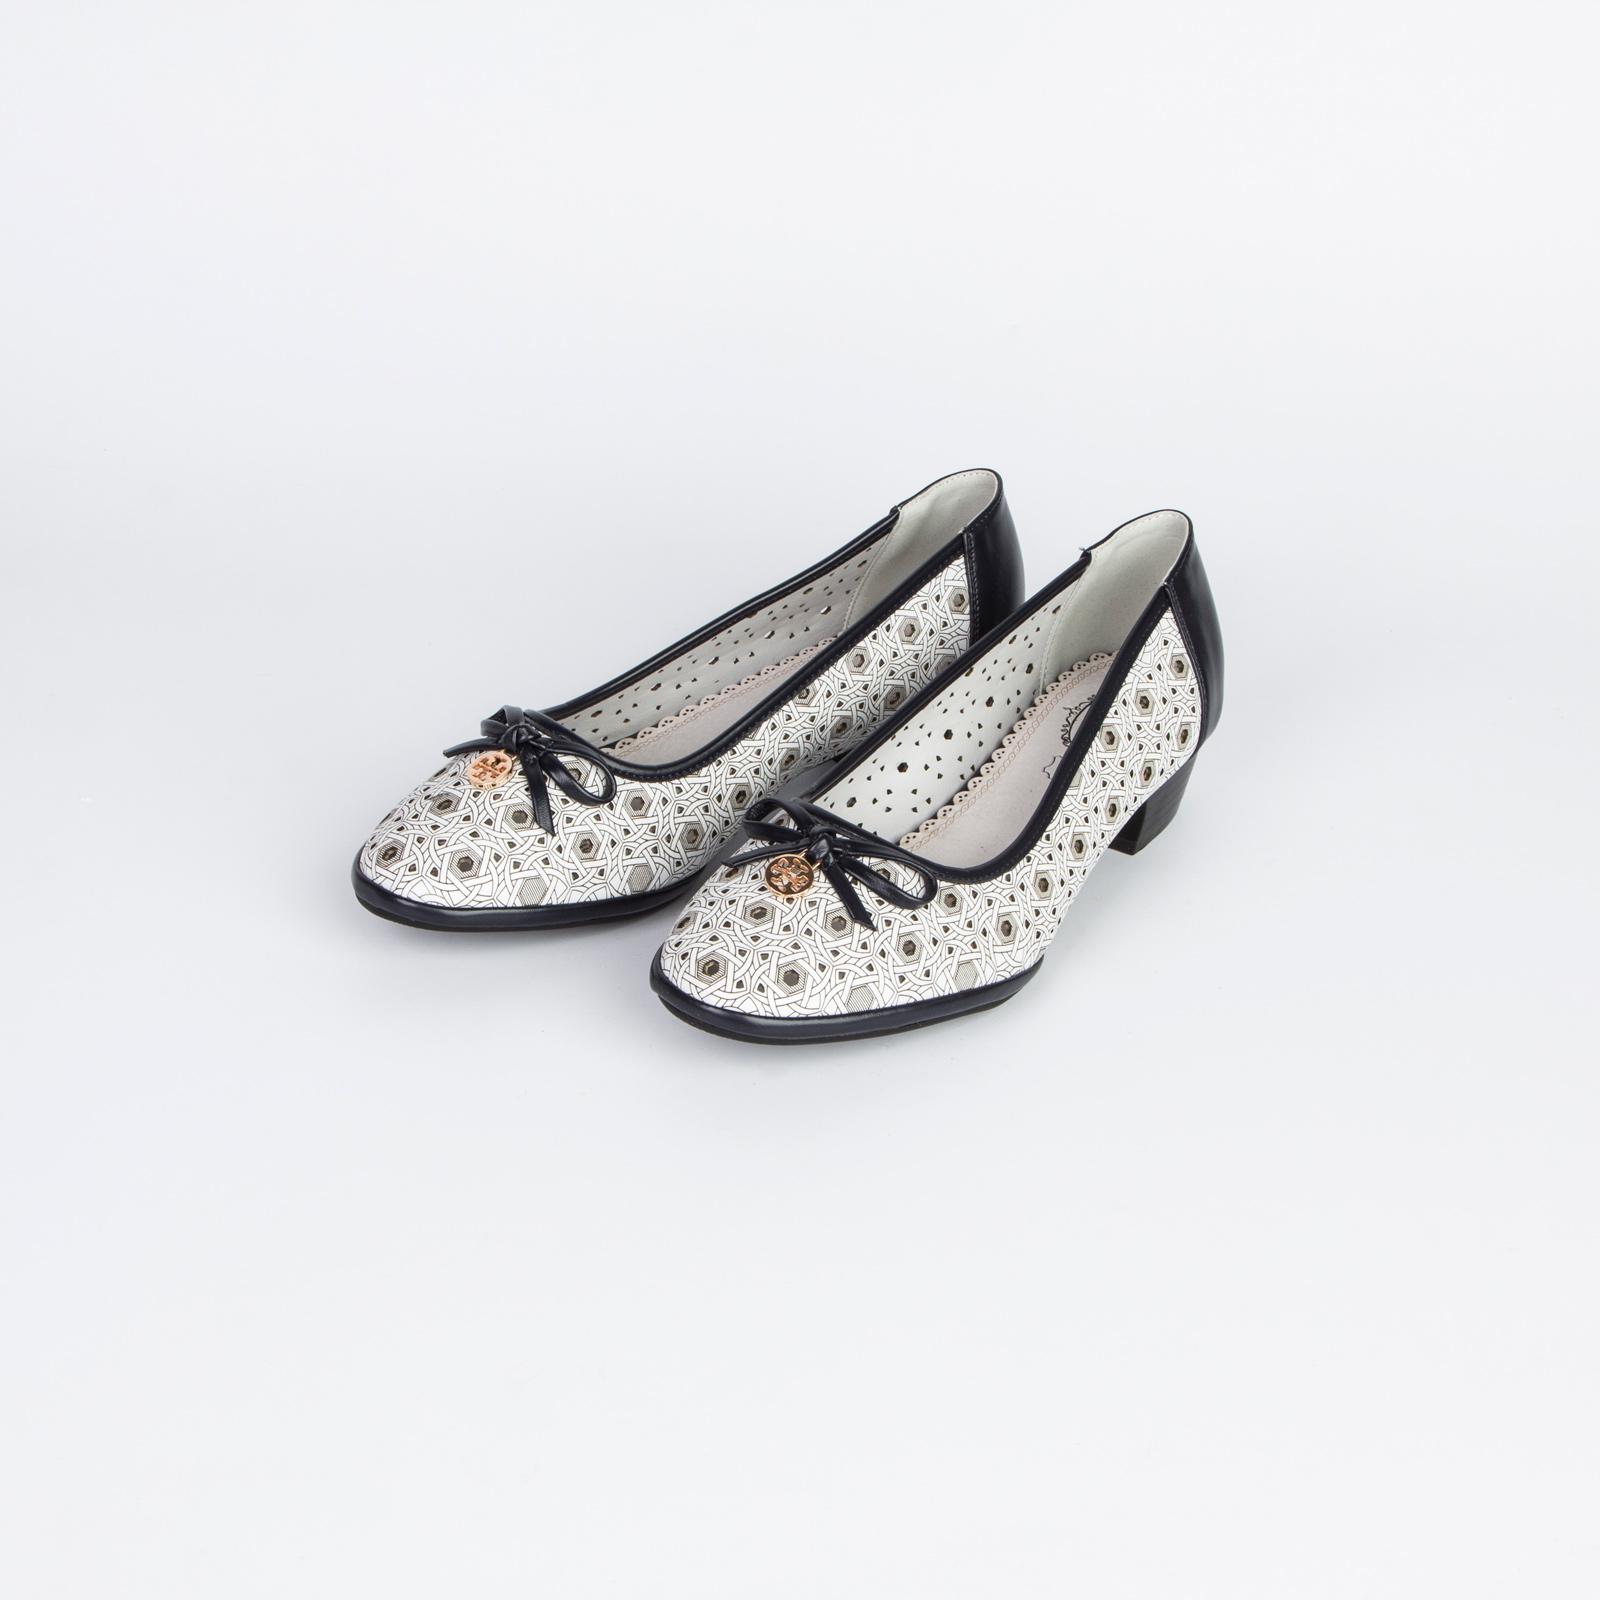 Туфли женские с узорной перфорацией и контрастной строчкой